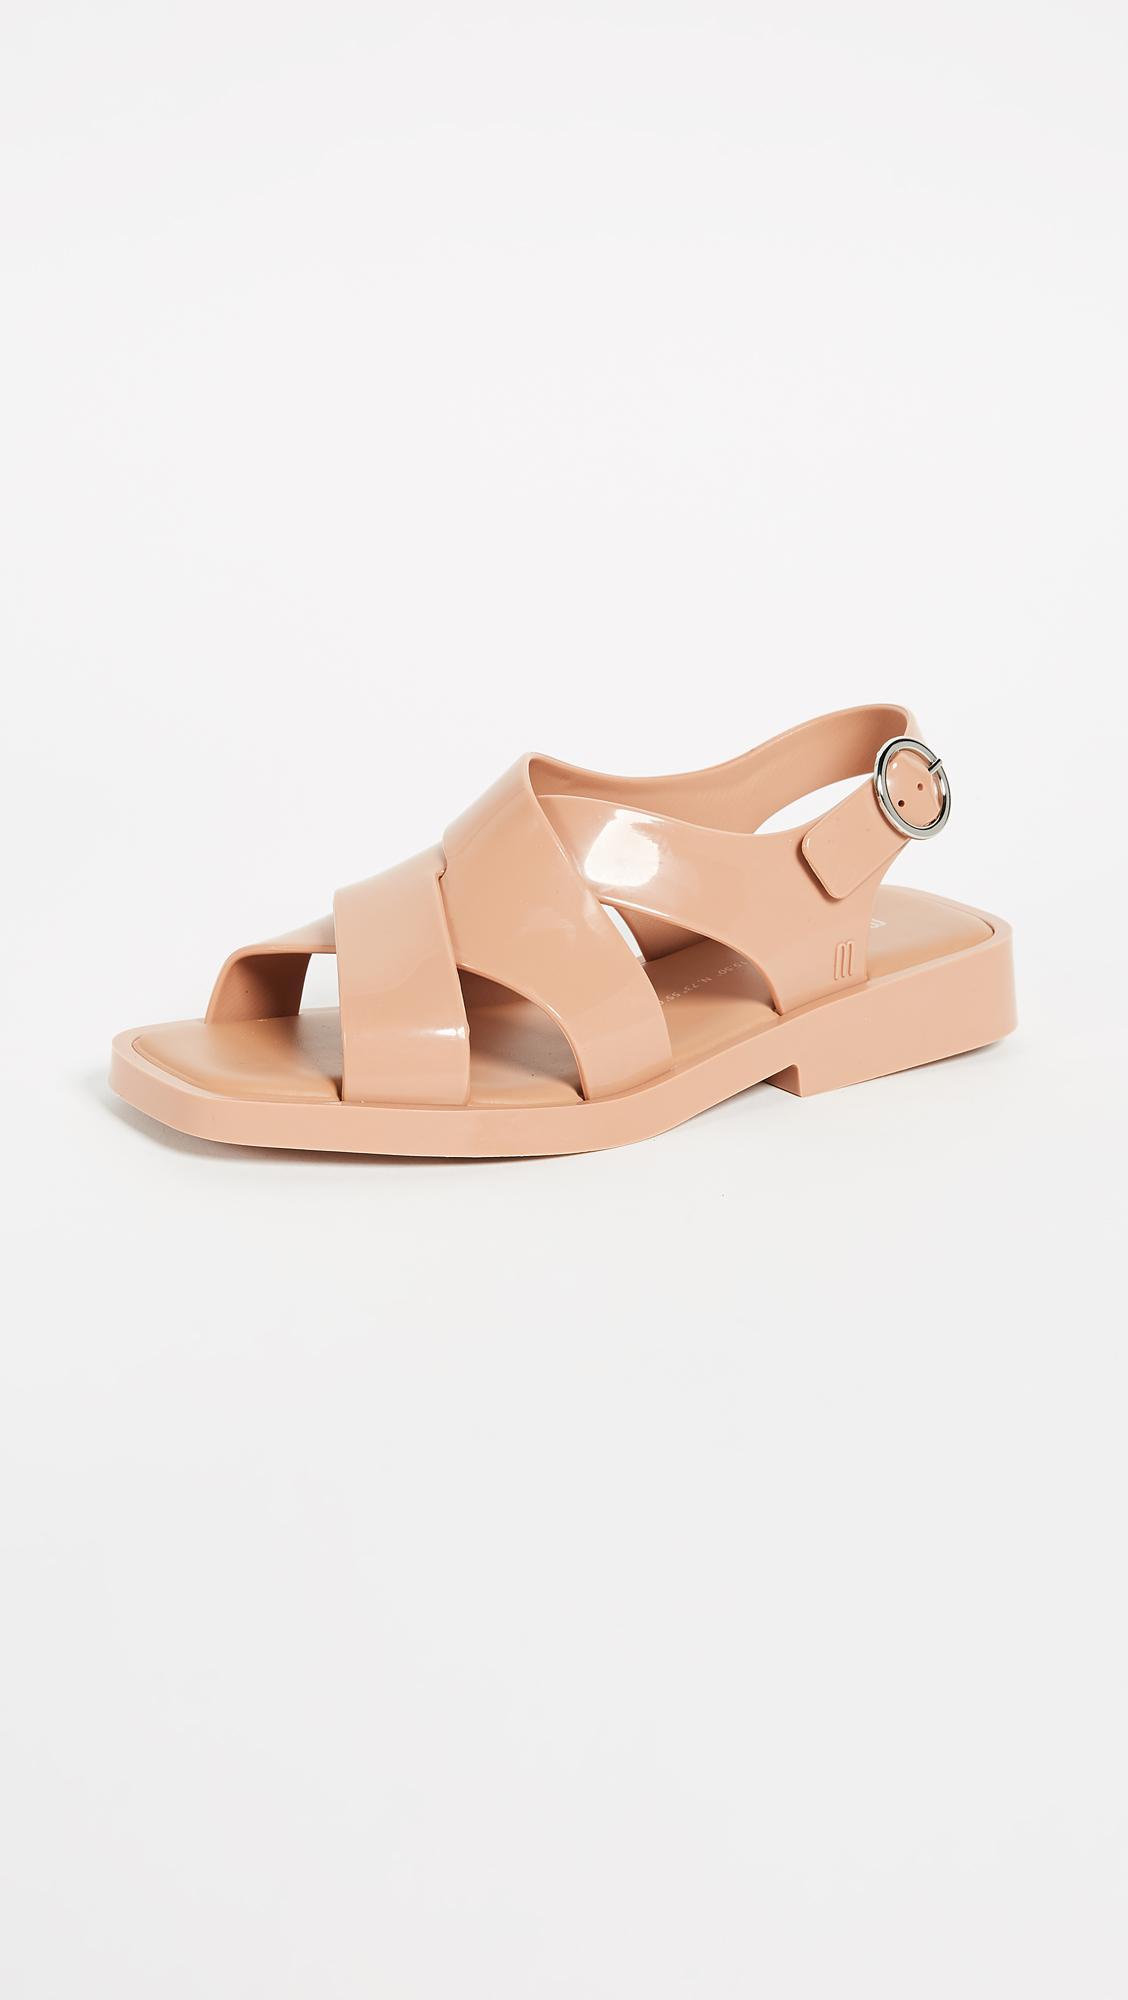 Sandales Sangle De Cheville De Melrose Melissa aBva0Nk